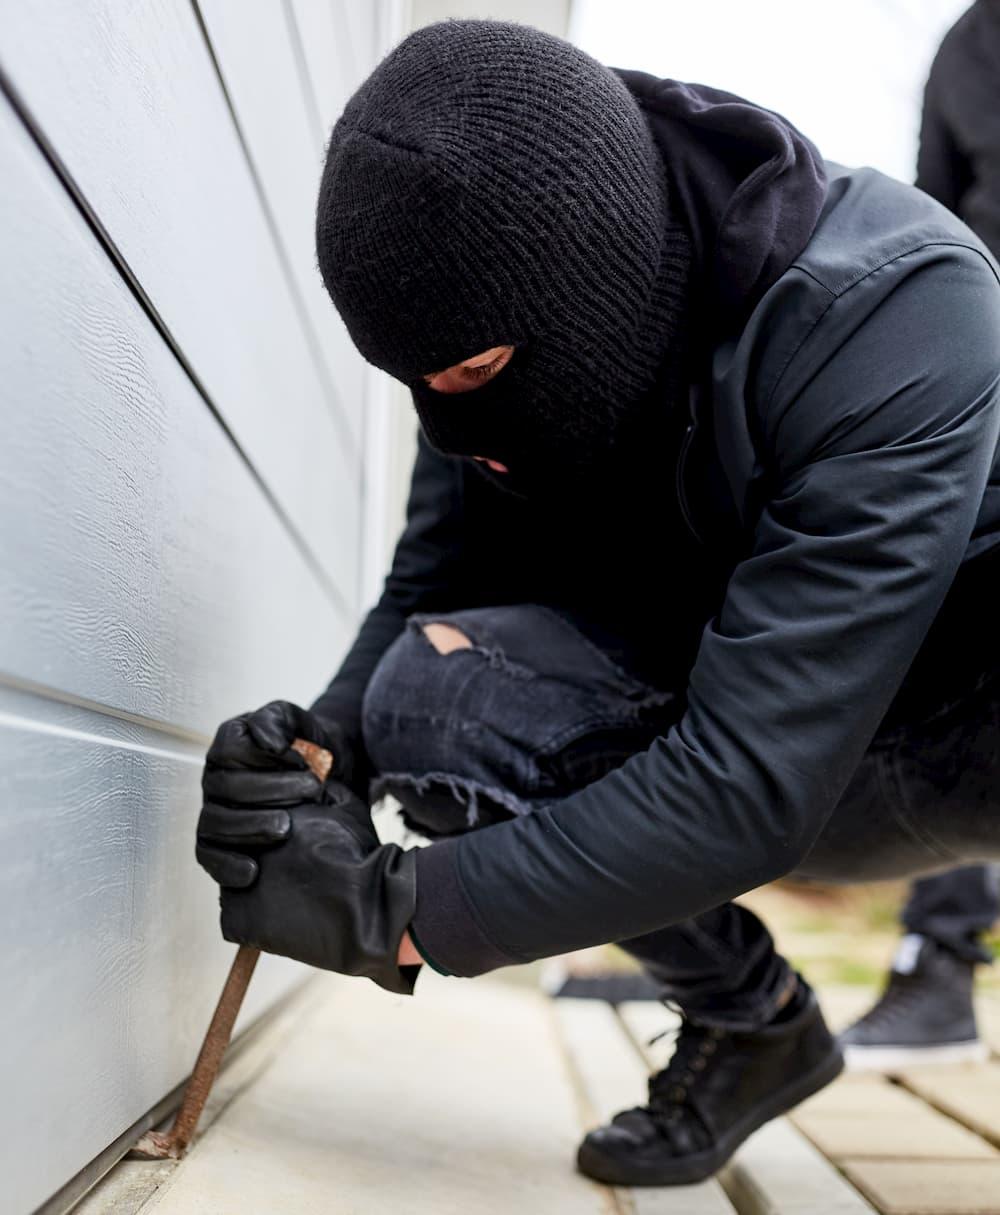 Einbruchschutz wird immer wichtiger © Robert Kneschke,stock.adobe.com